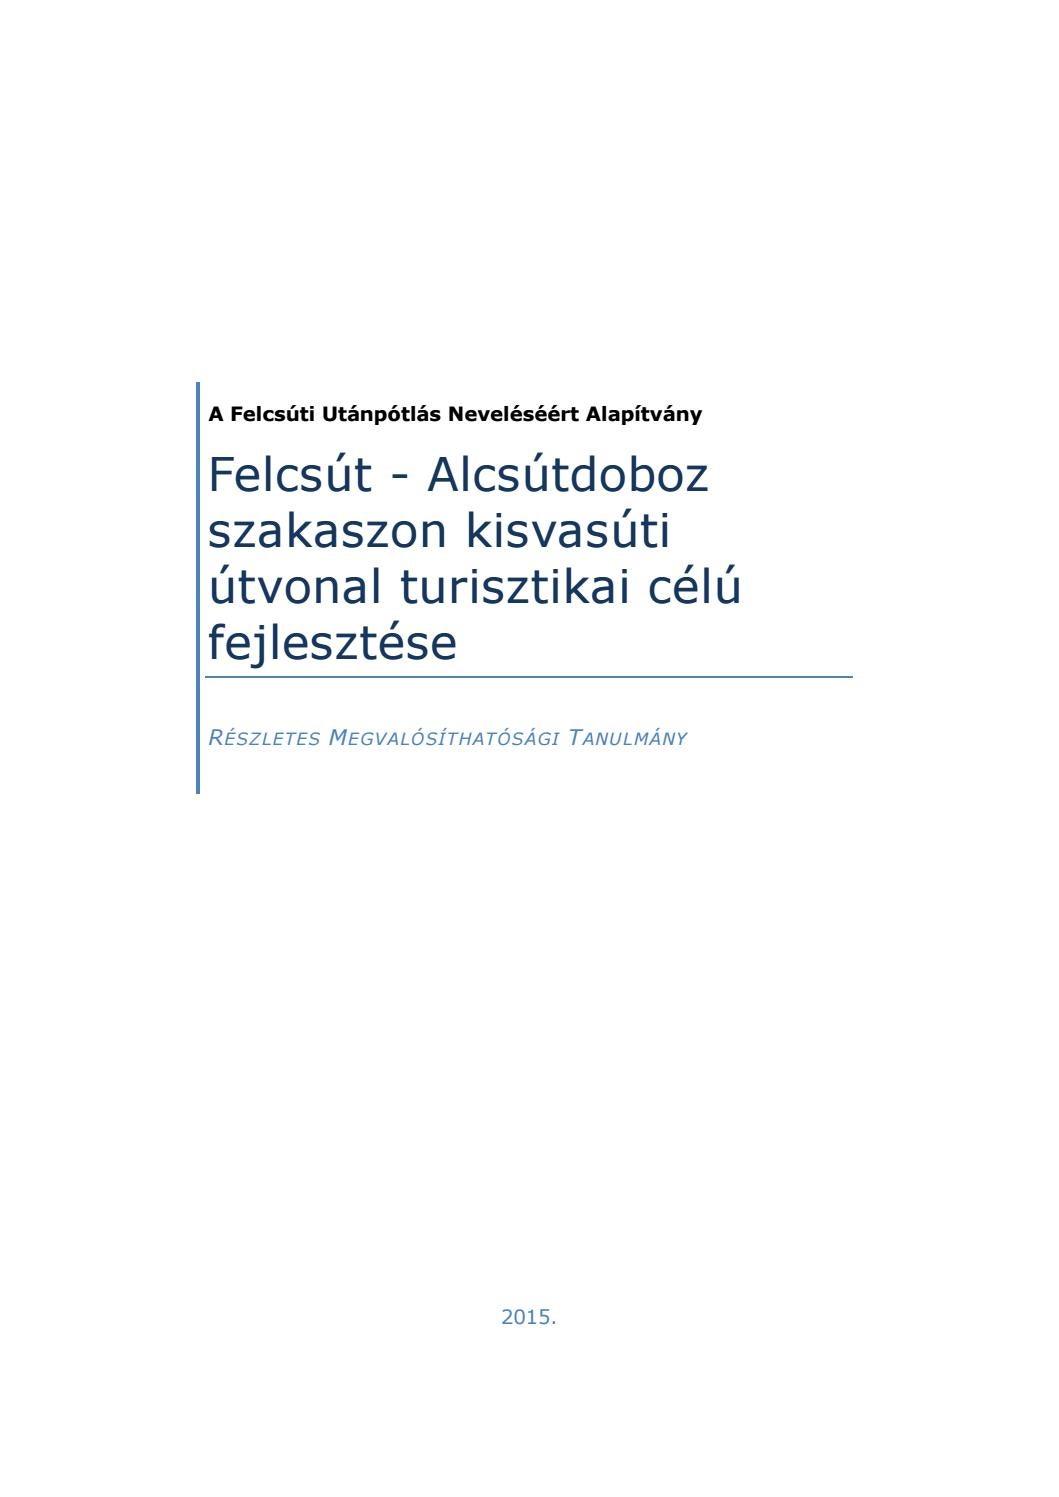 cseh közös jogorvoslat)